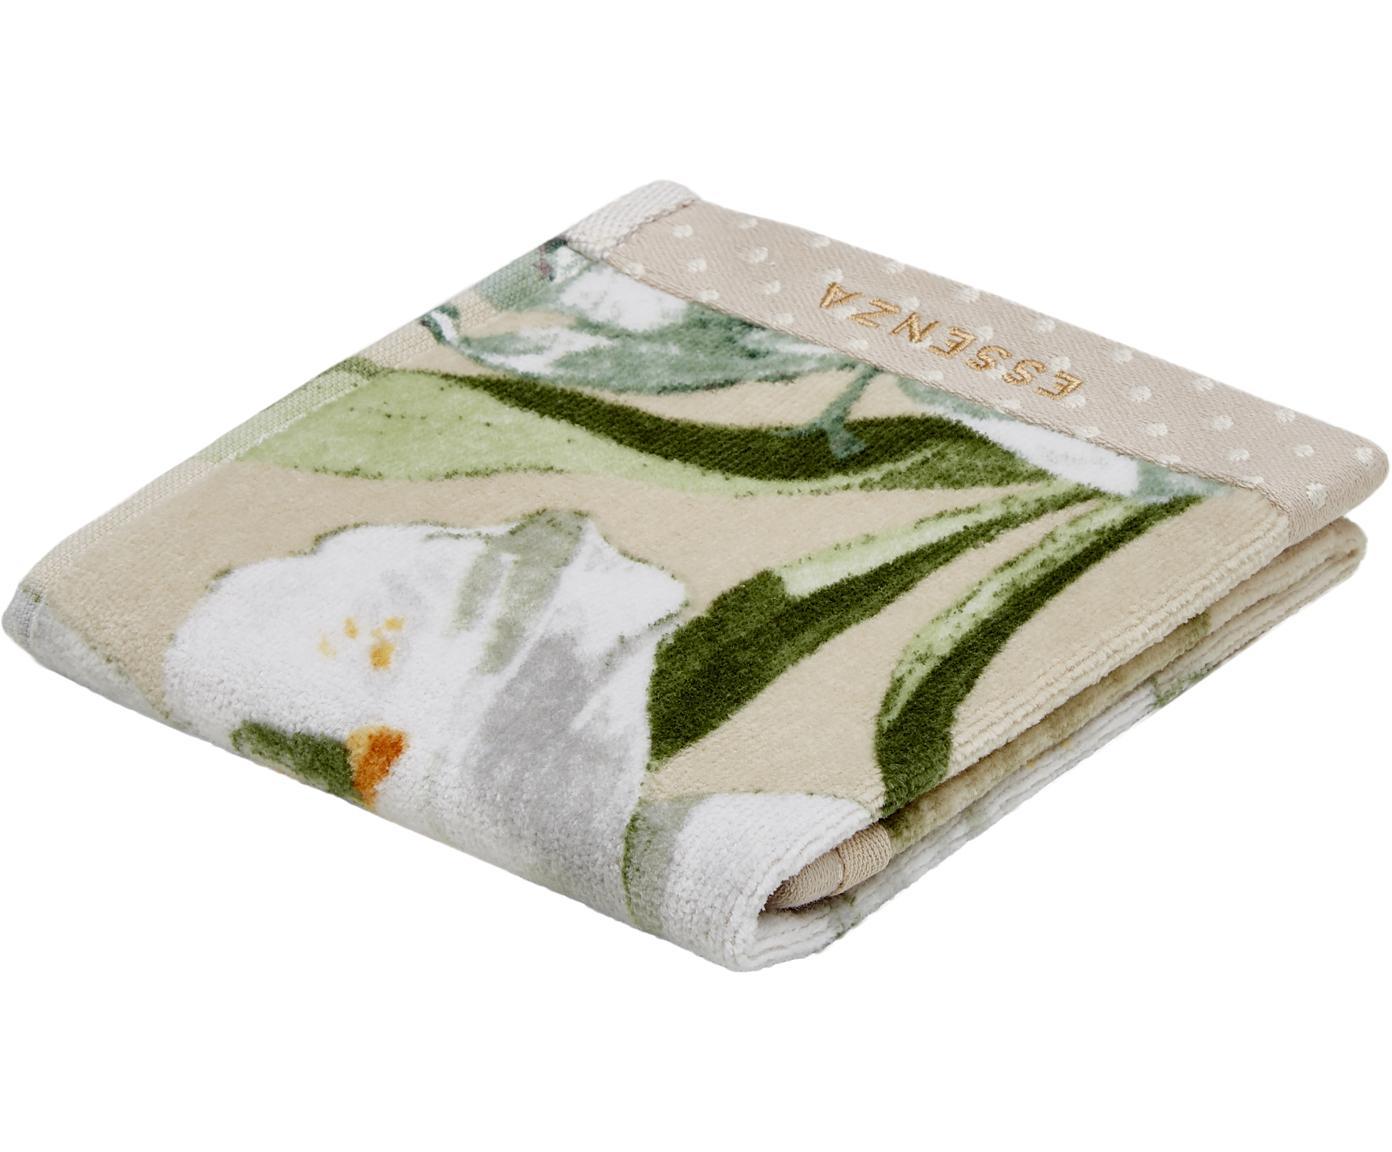 Ręcznik Rosalee, Bawełna, Beżowy, biały, zielony, pomarańczowy, Ręcznik dla gości